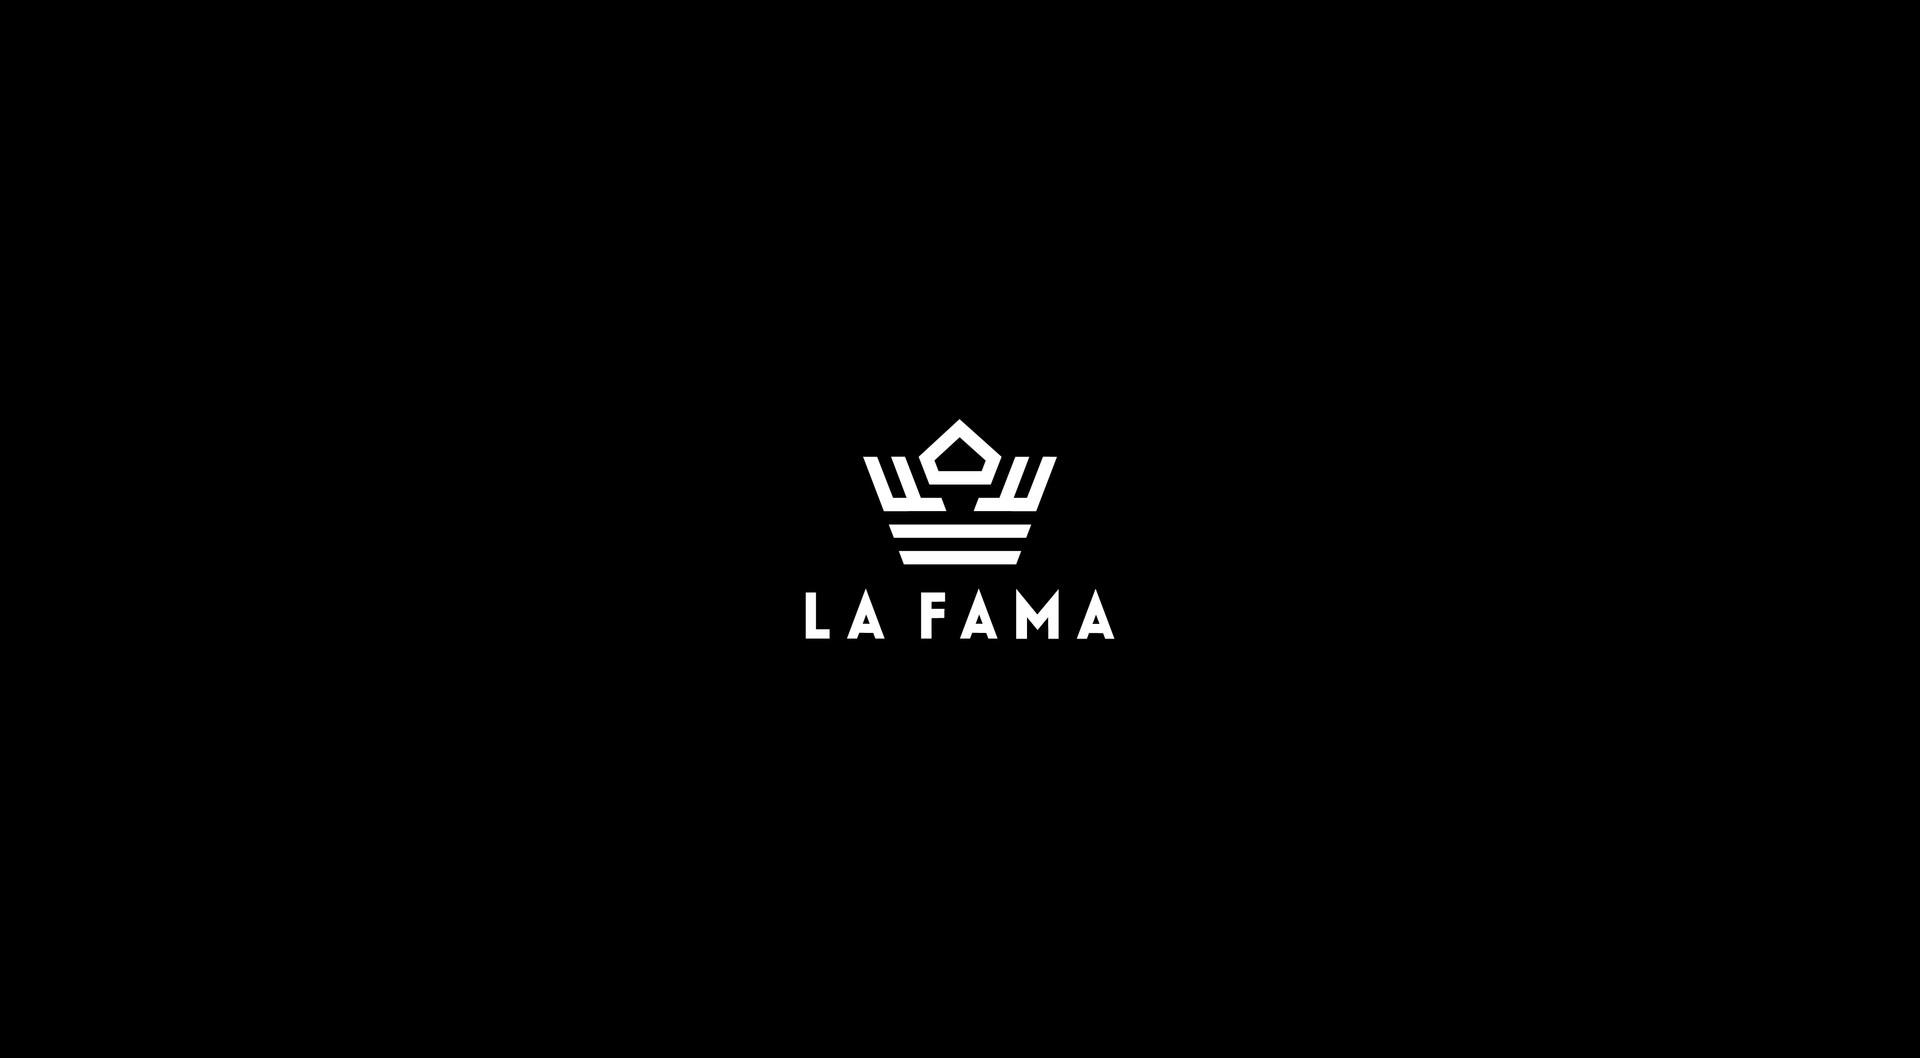 la fama behance-03.jpg